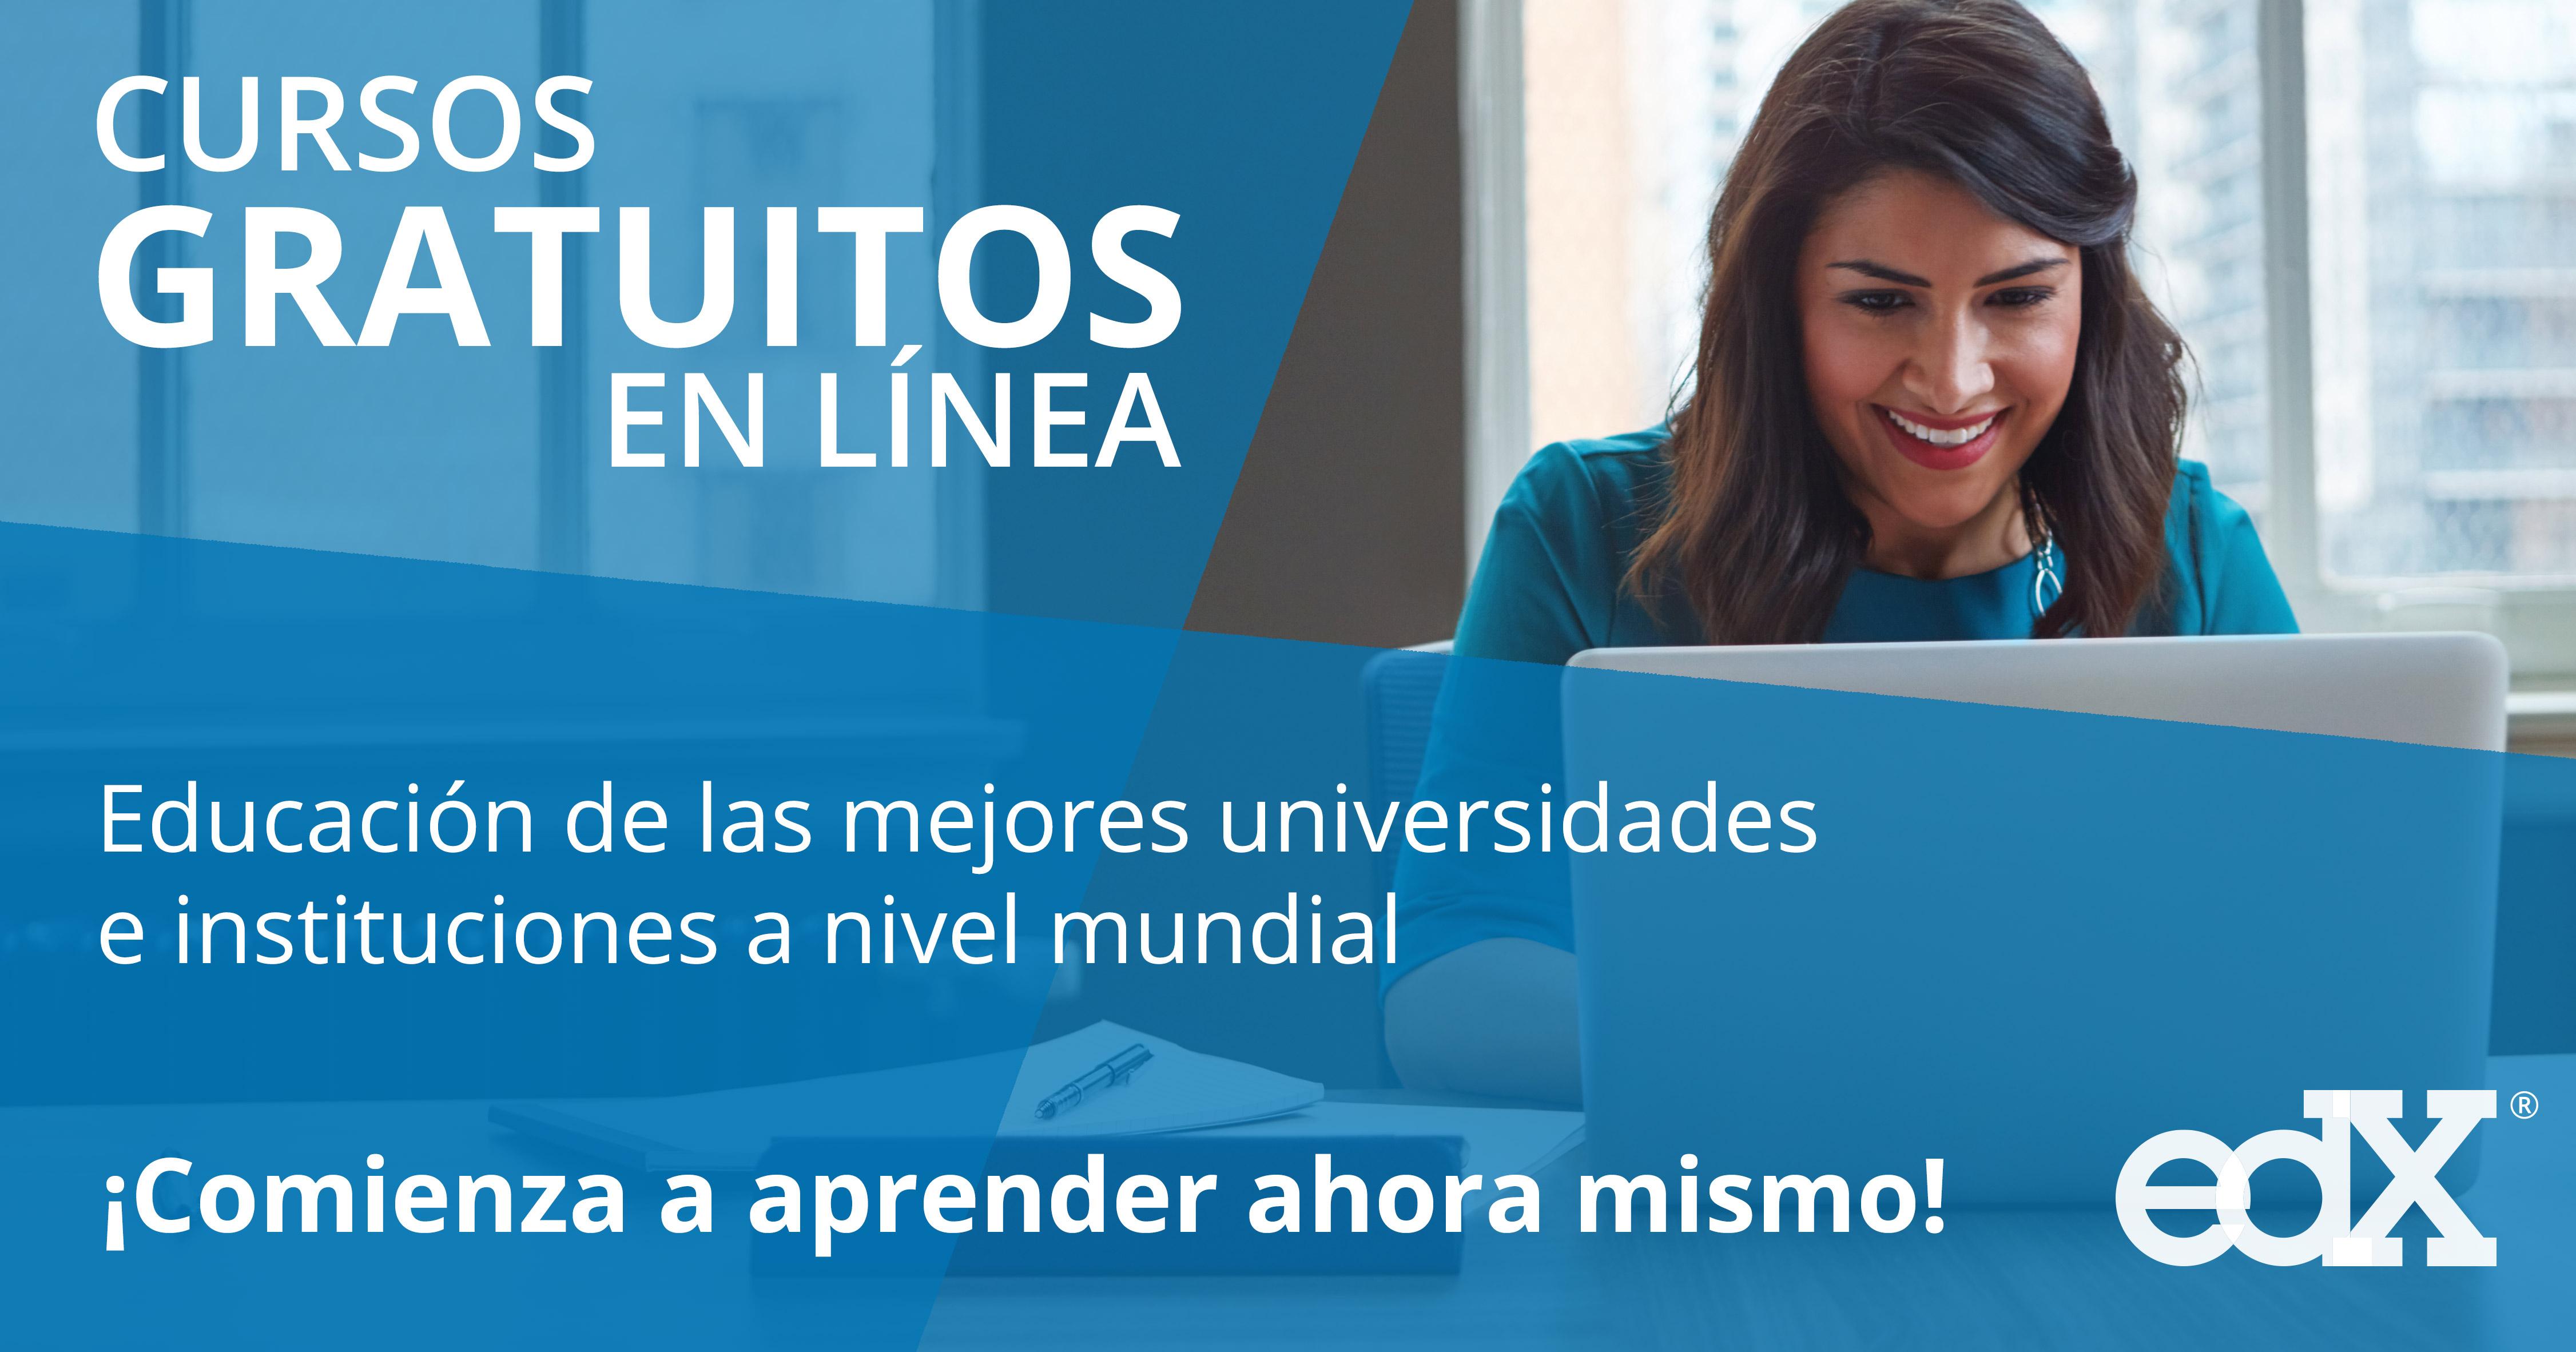 Edx: varios cursos gratuitos en linea.